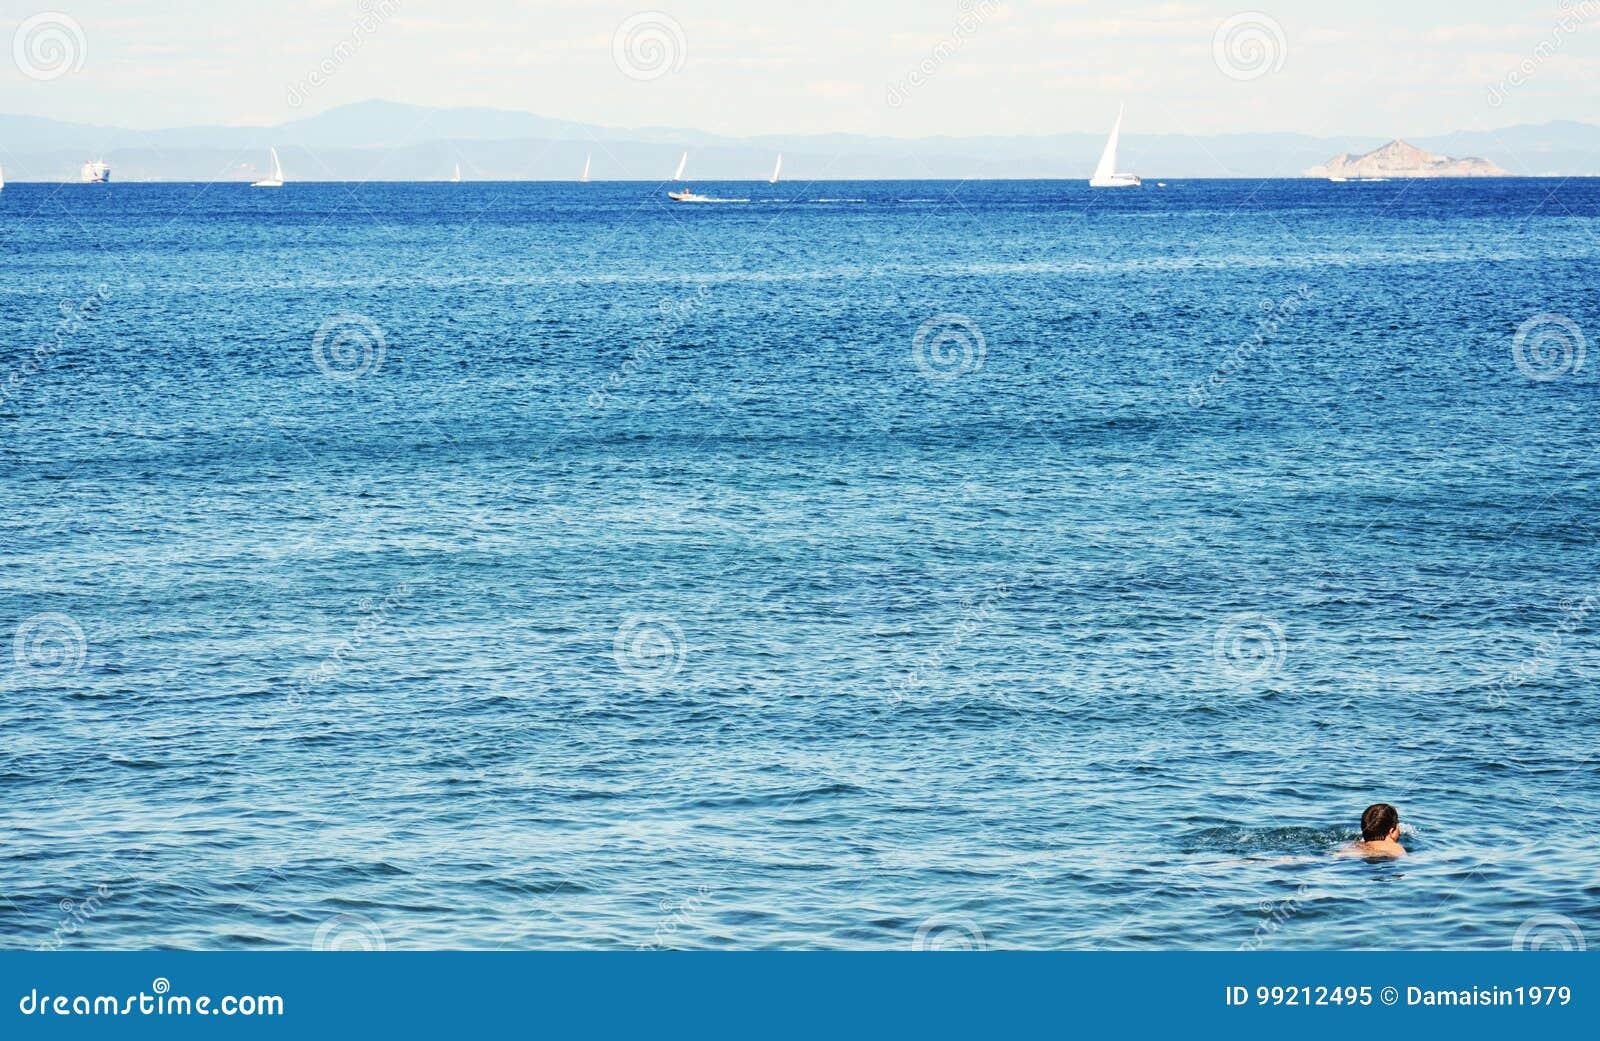 Elba Karte.Rio Marina Stadt Elba Insel Karte Italien Schwimmend